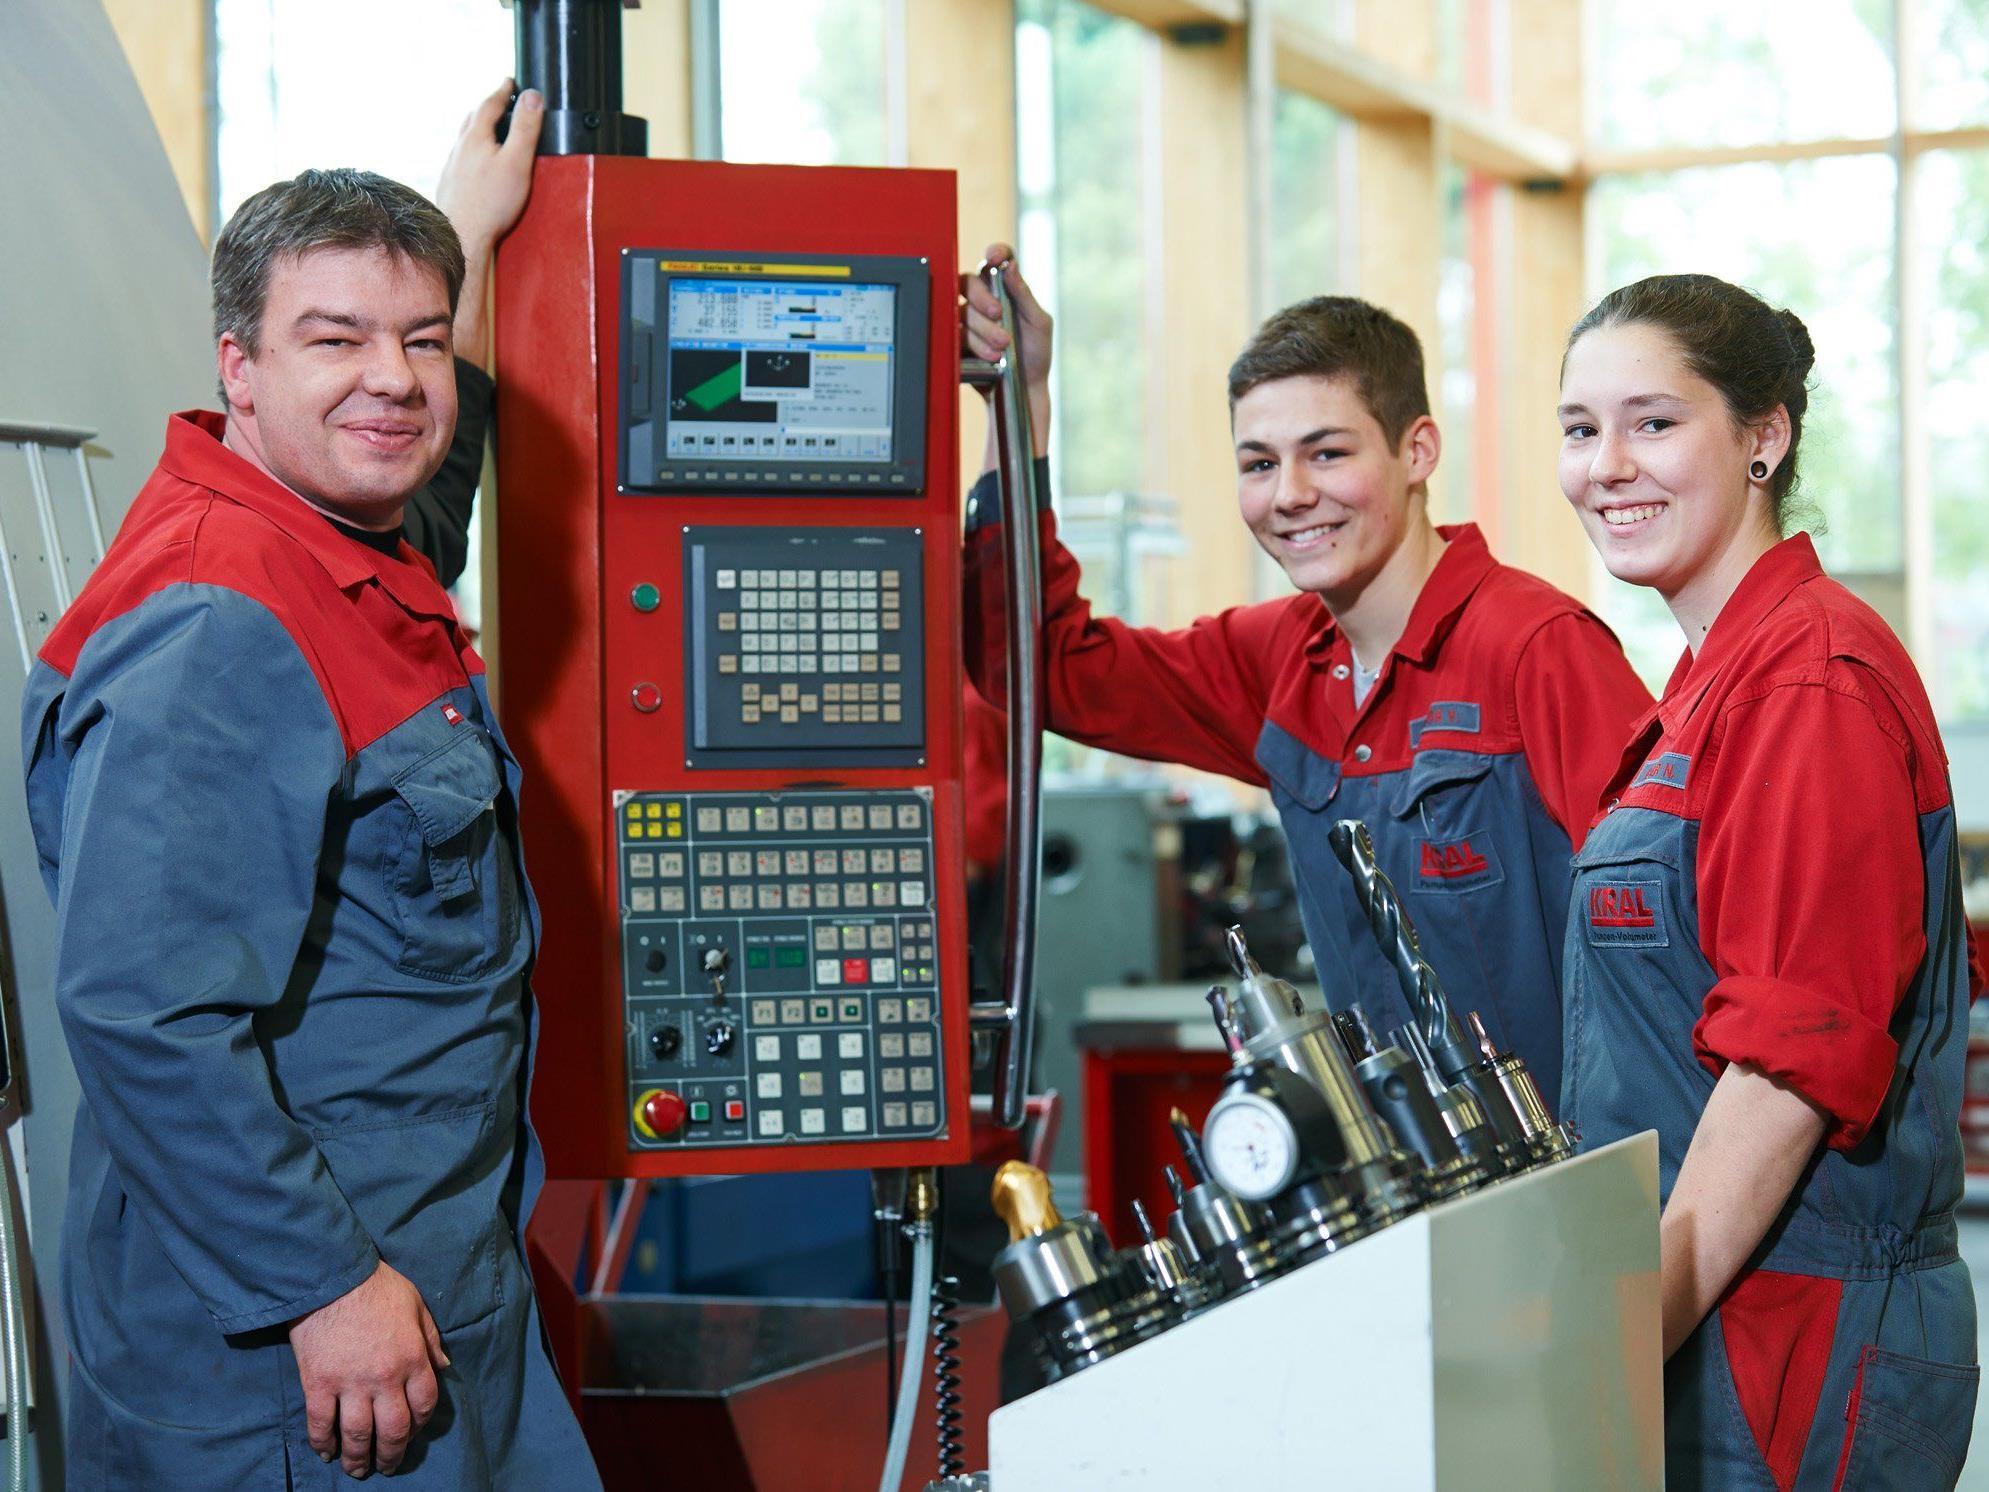 Vielfältige Ausbildungsmöglichkeiten bieten die Betriebe im Industriegebiet Nord.